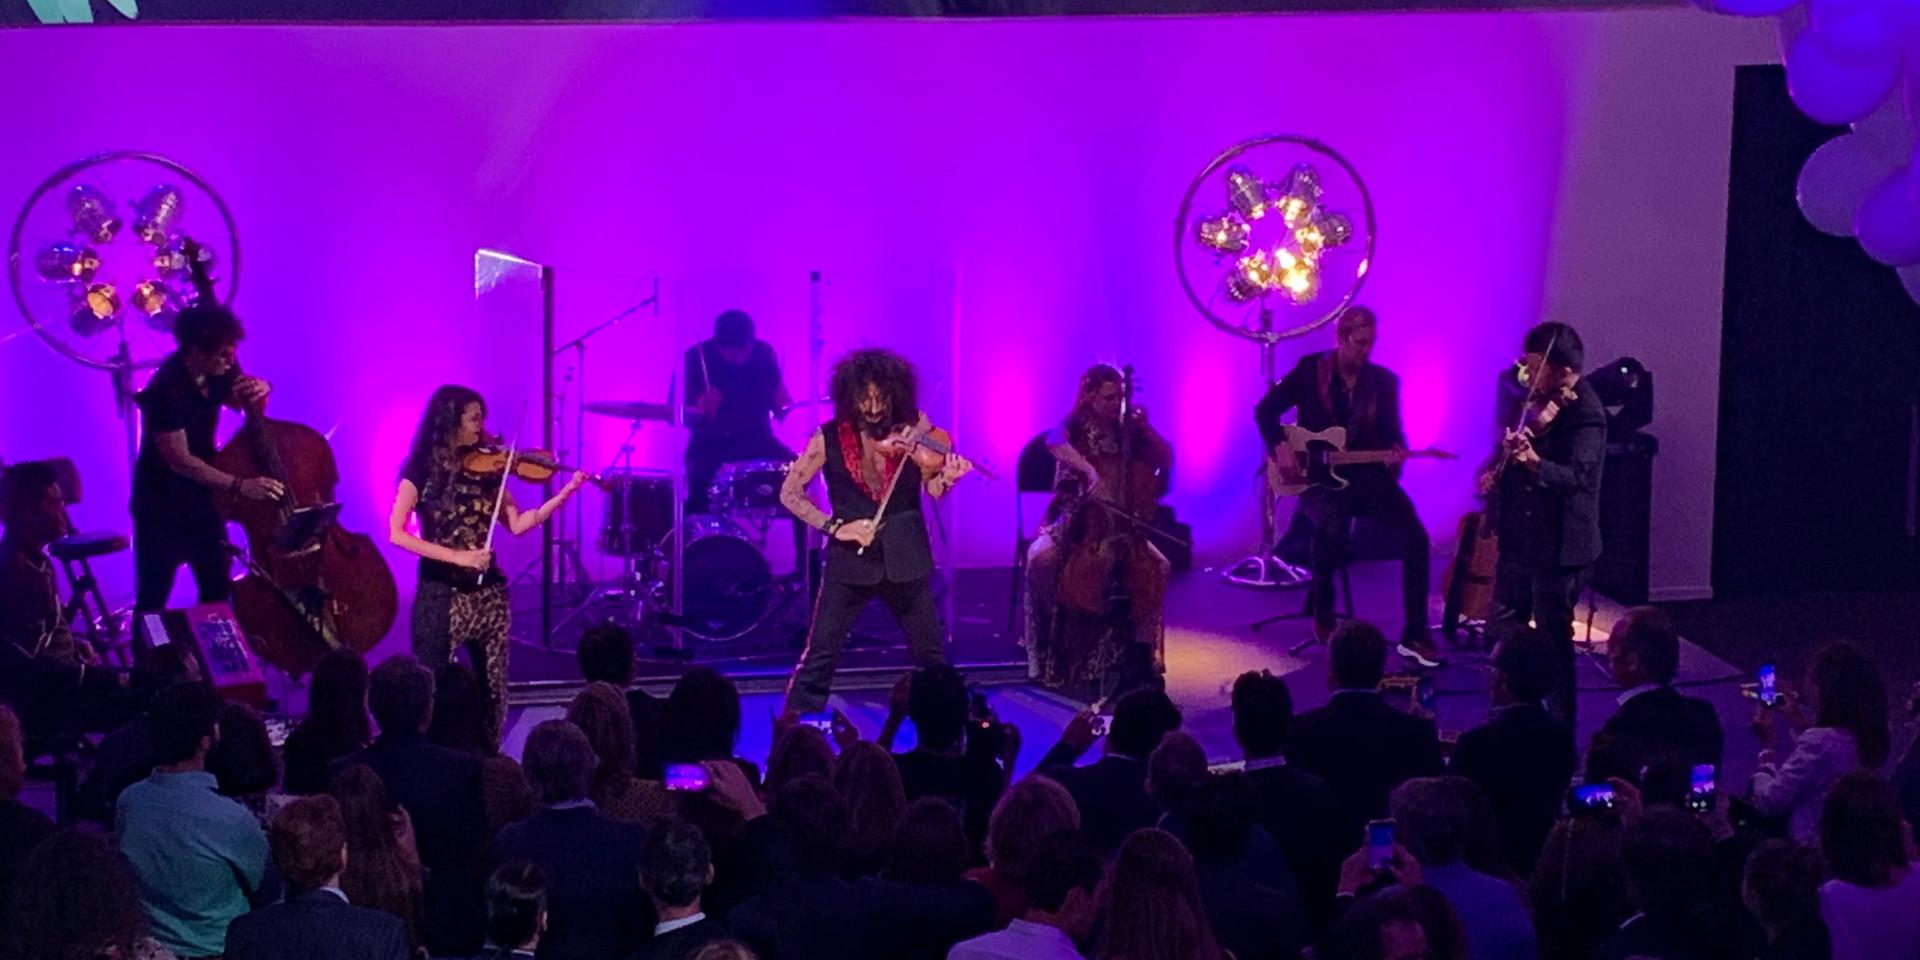 Presentación JUUL, concierto de Ara Malikian 2019